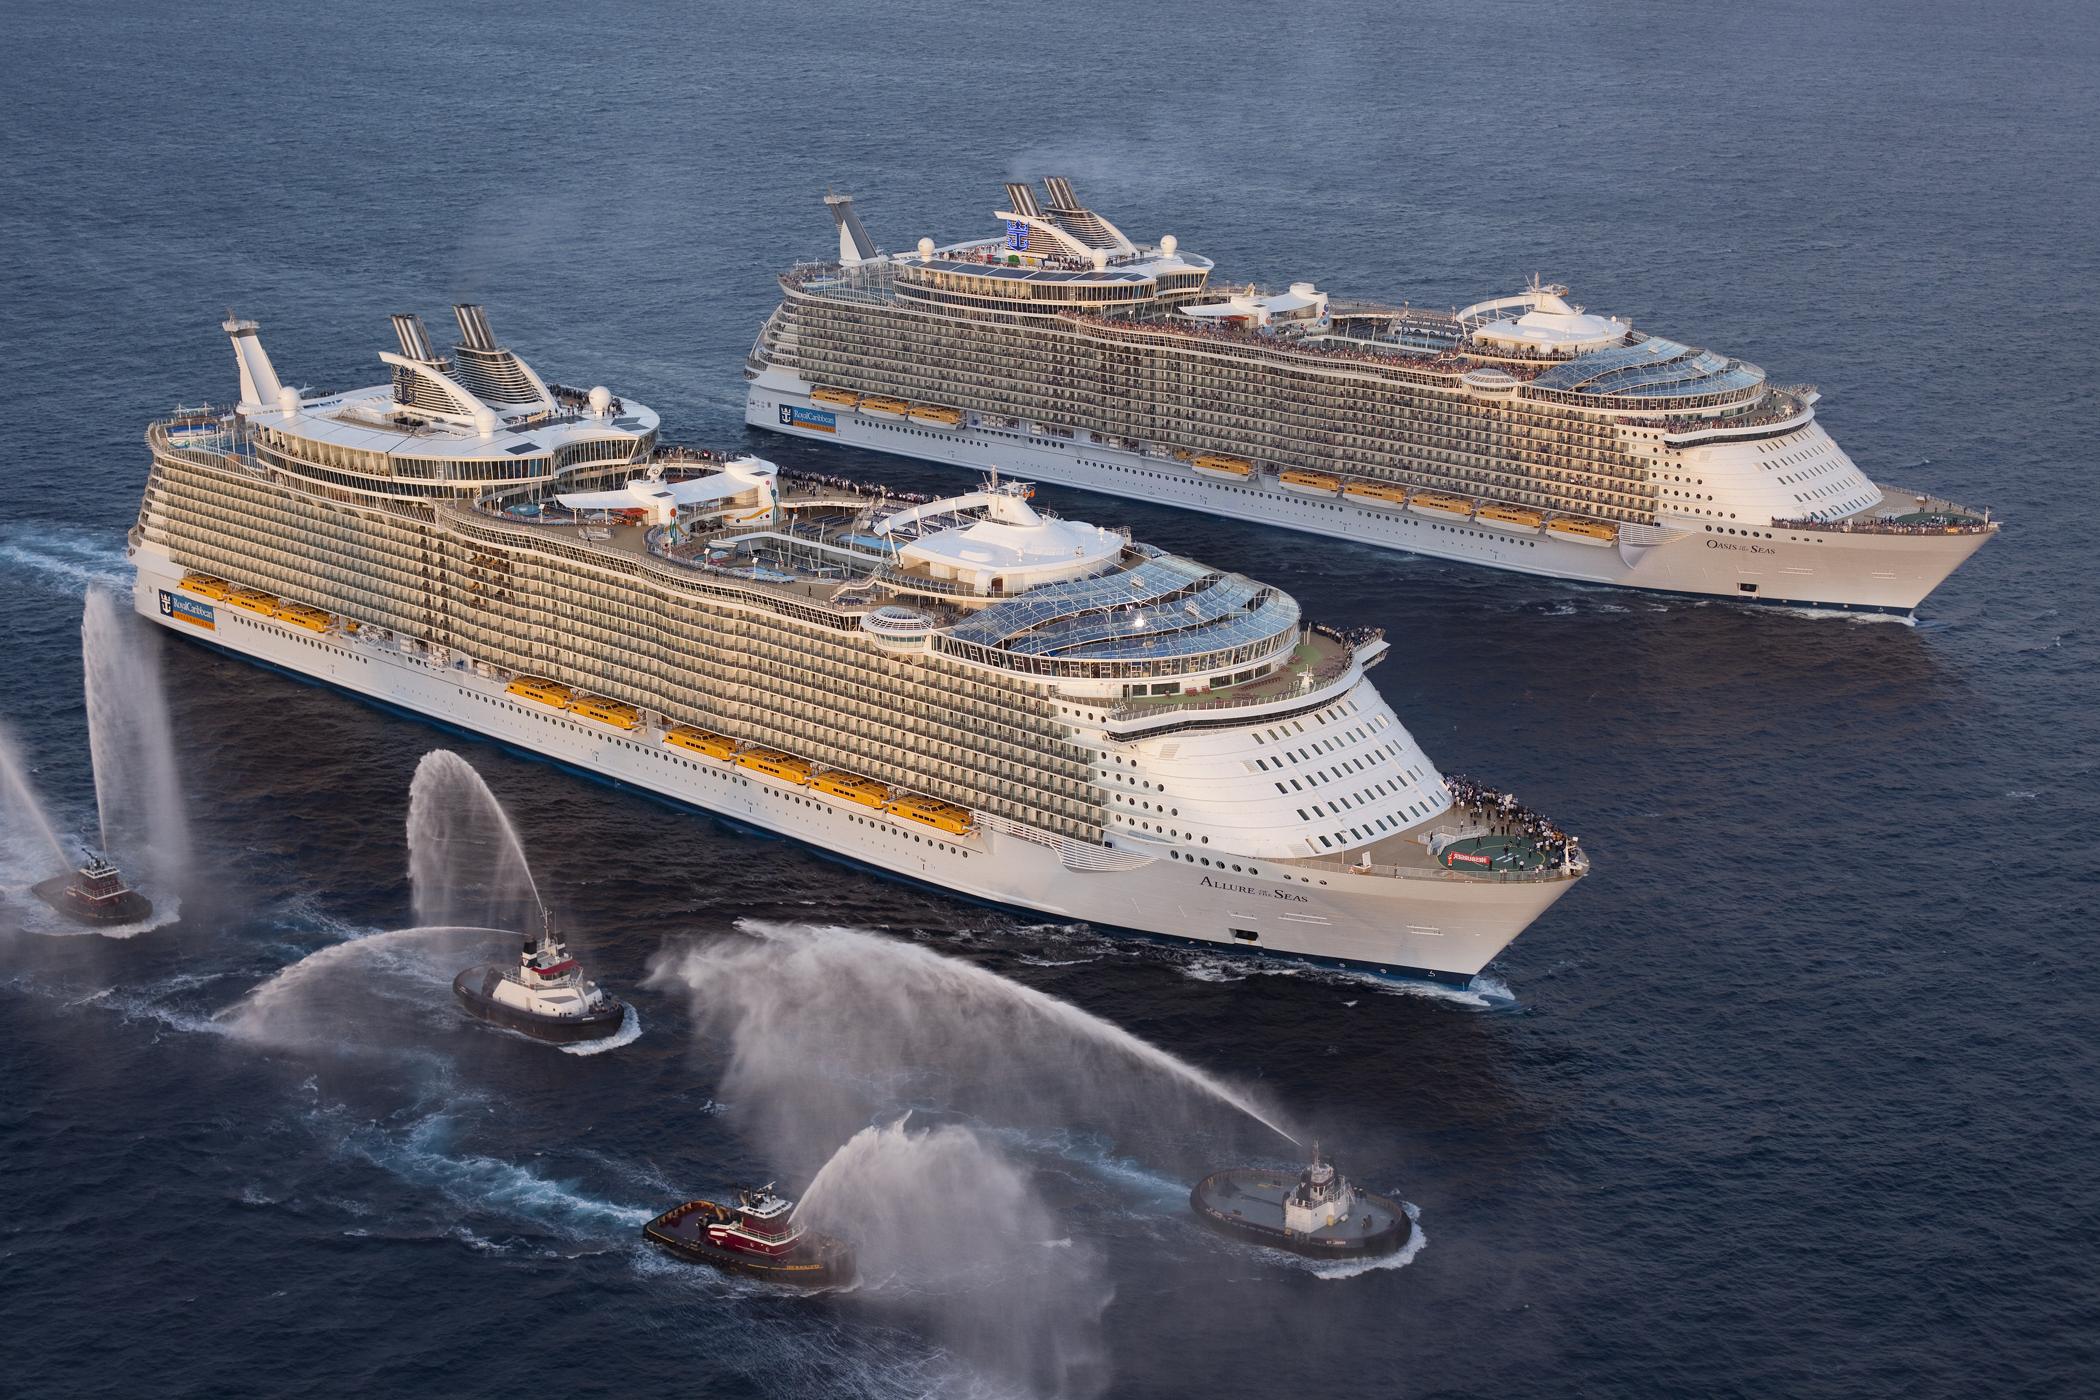 Royal caribbean nominata miglior operatore cruise ai ttg travel awards pazzo per il mare - The allure of the modular home ...